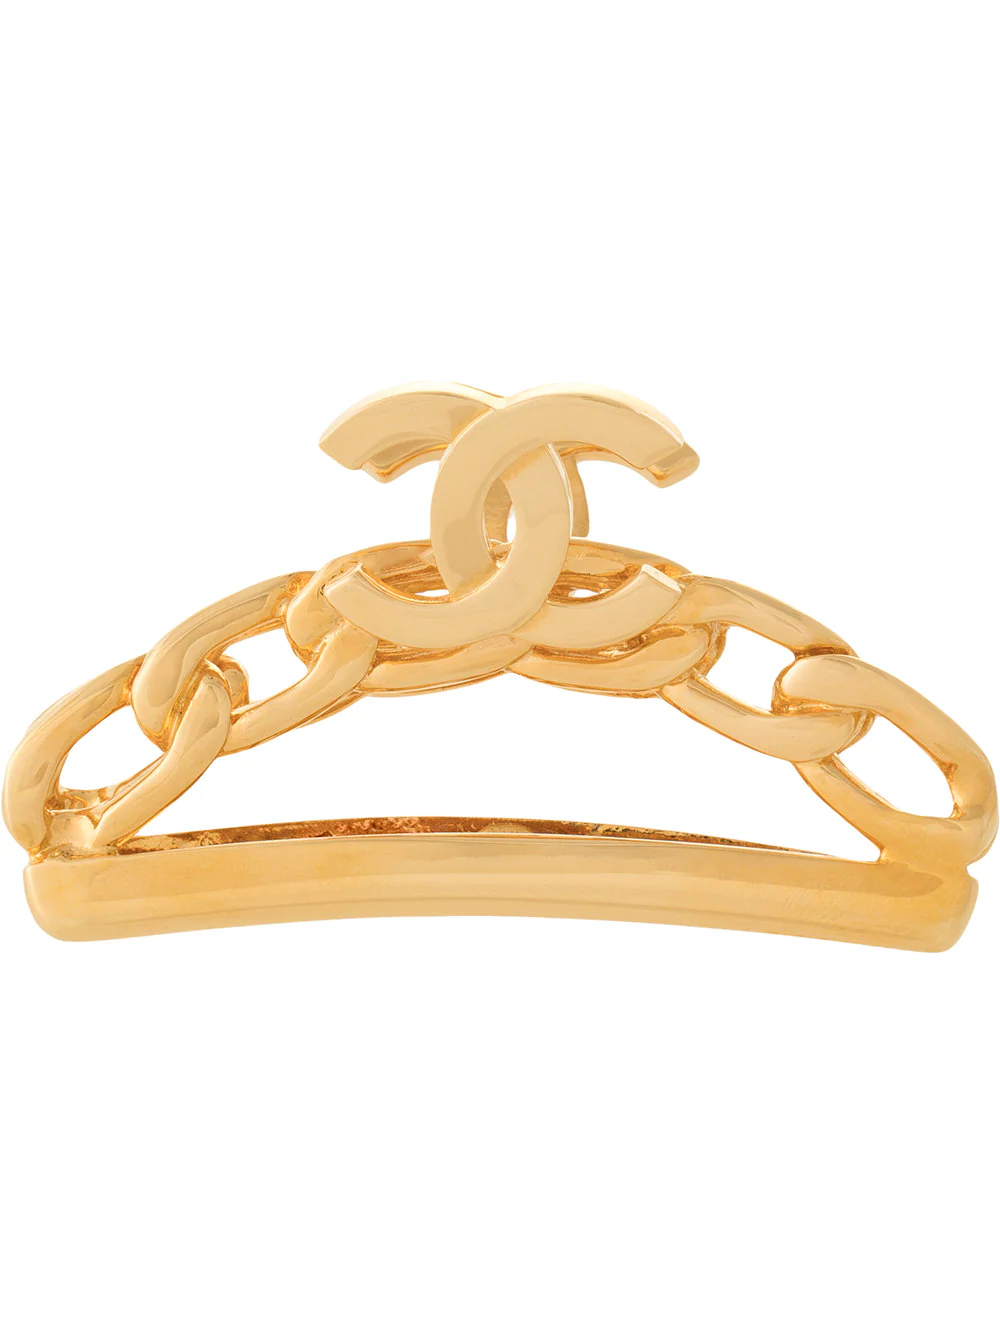 8d9e1c212741 Chanel Vintage Cc Logo Hair Clip - Farfetch In Metallic | ModeSens